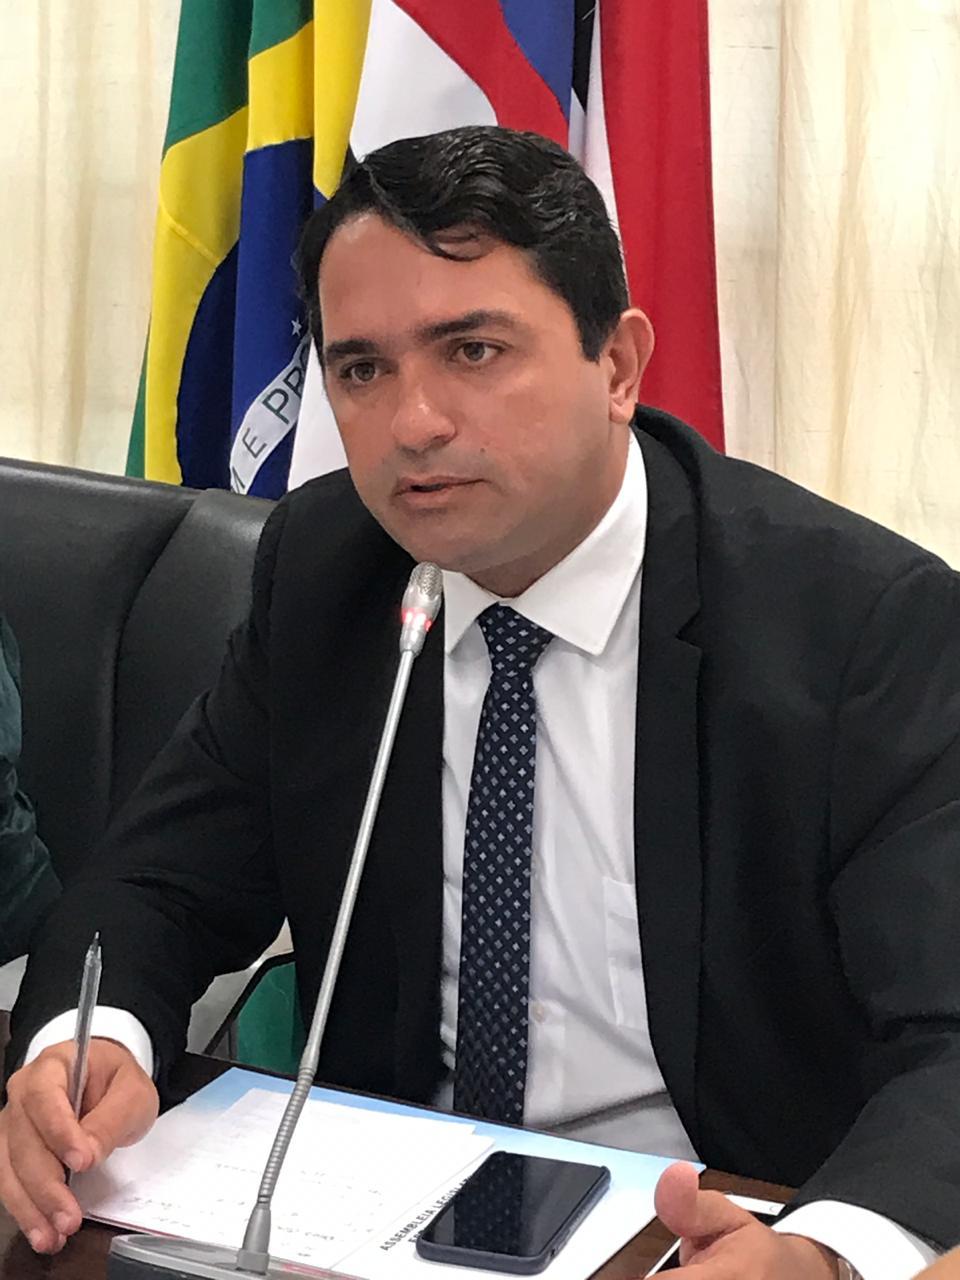 Júnior Lourenço destacou a defesa dos direitos dos professores, trabalhadores rurais, beneficiários do BPC, além dos direitos às pensões por morte